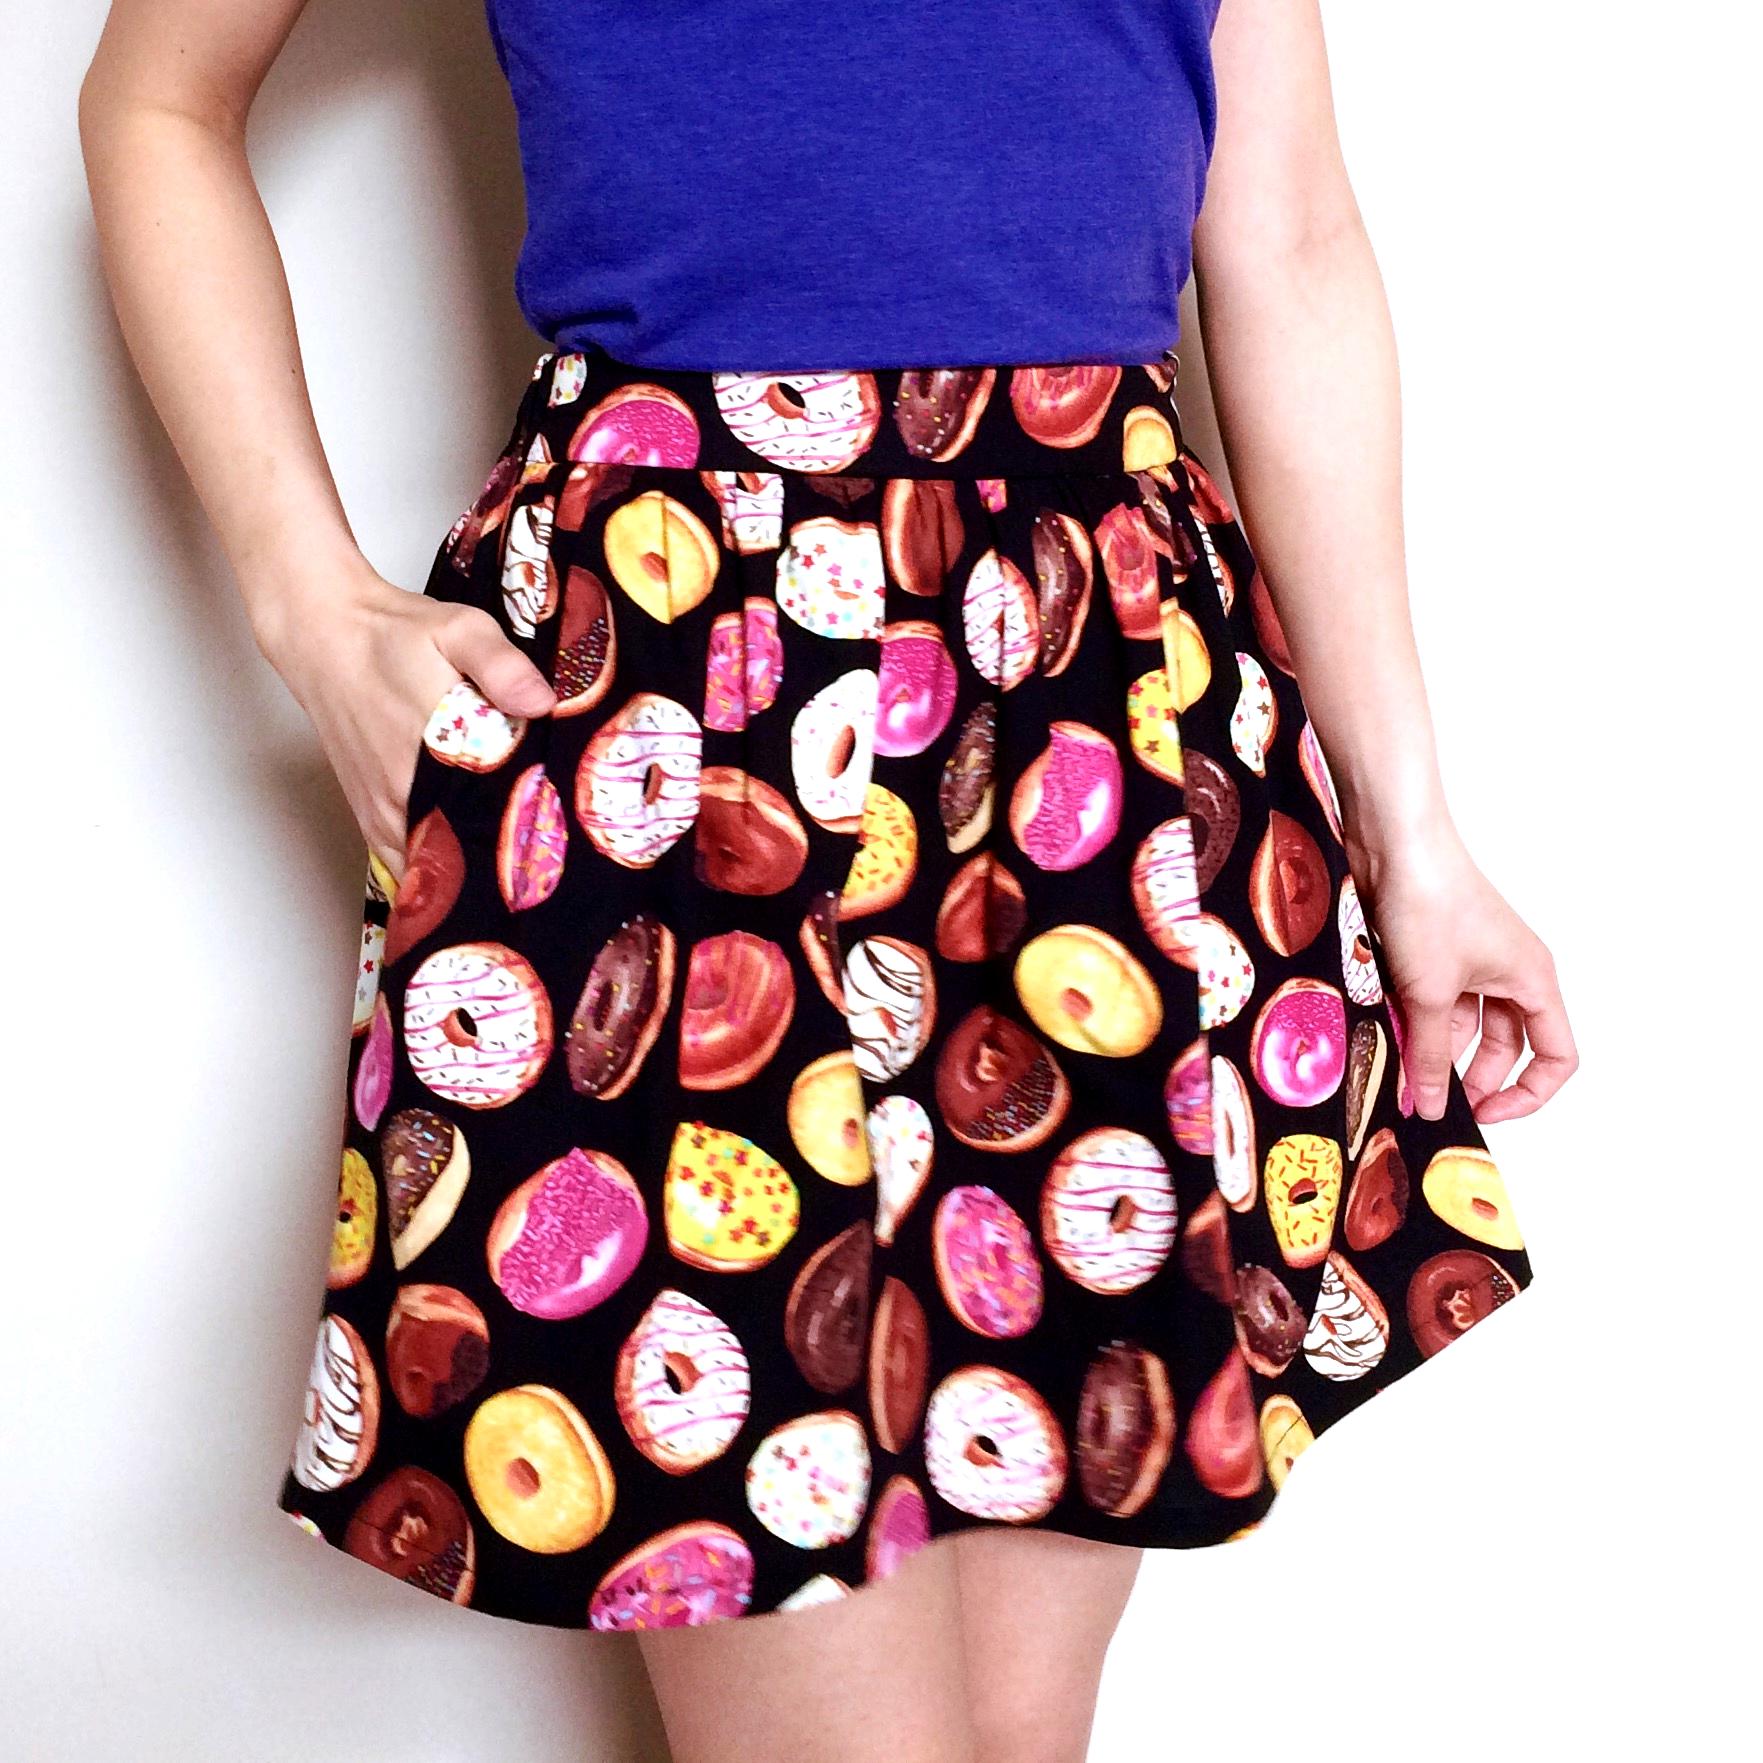 Donut Skirt